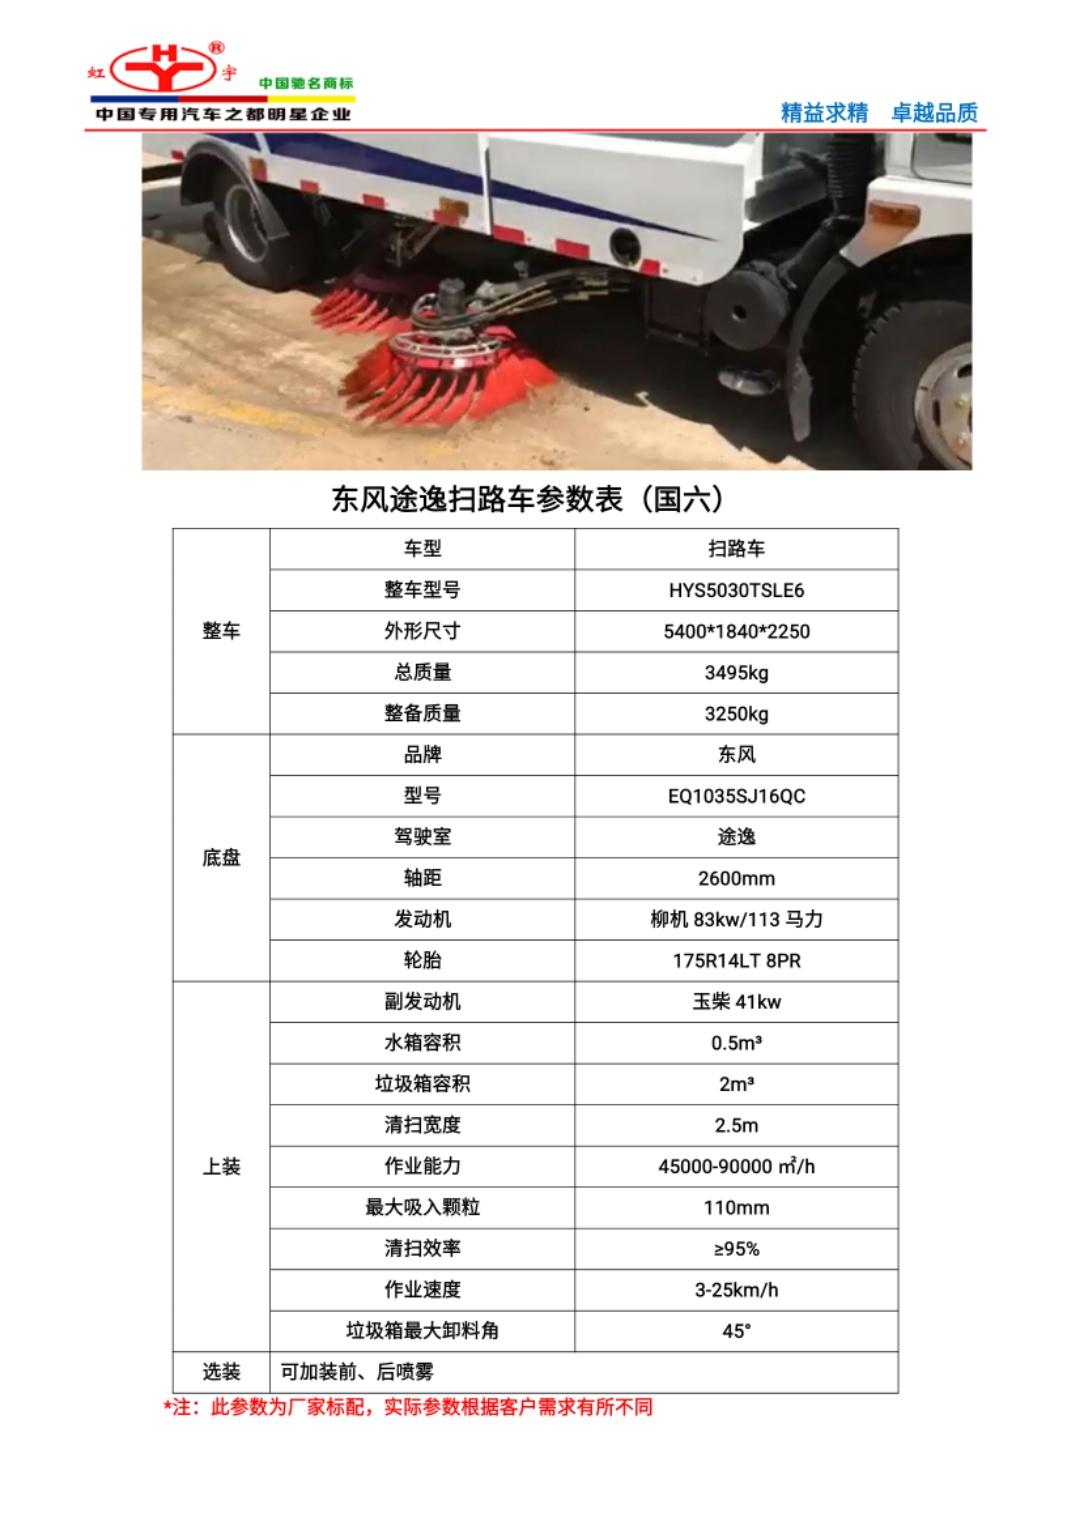 小型扫路车整车技术参数表